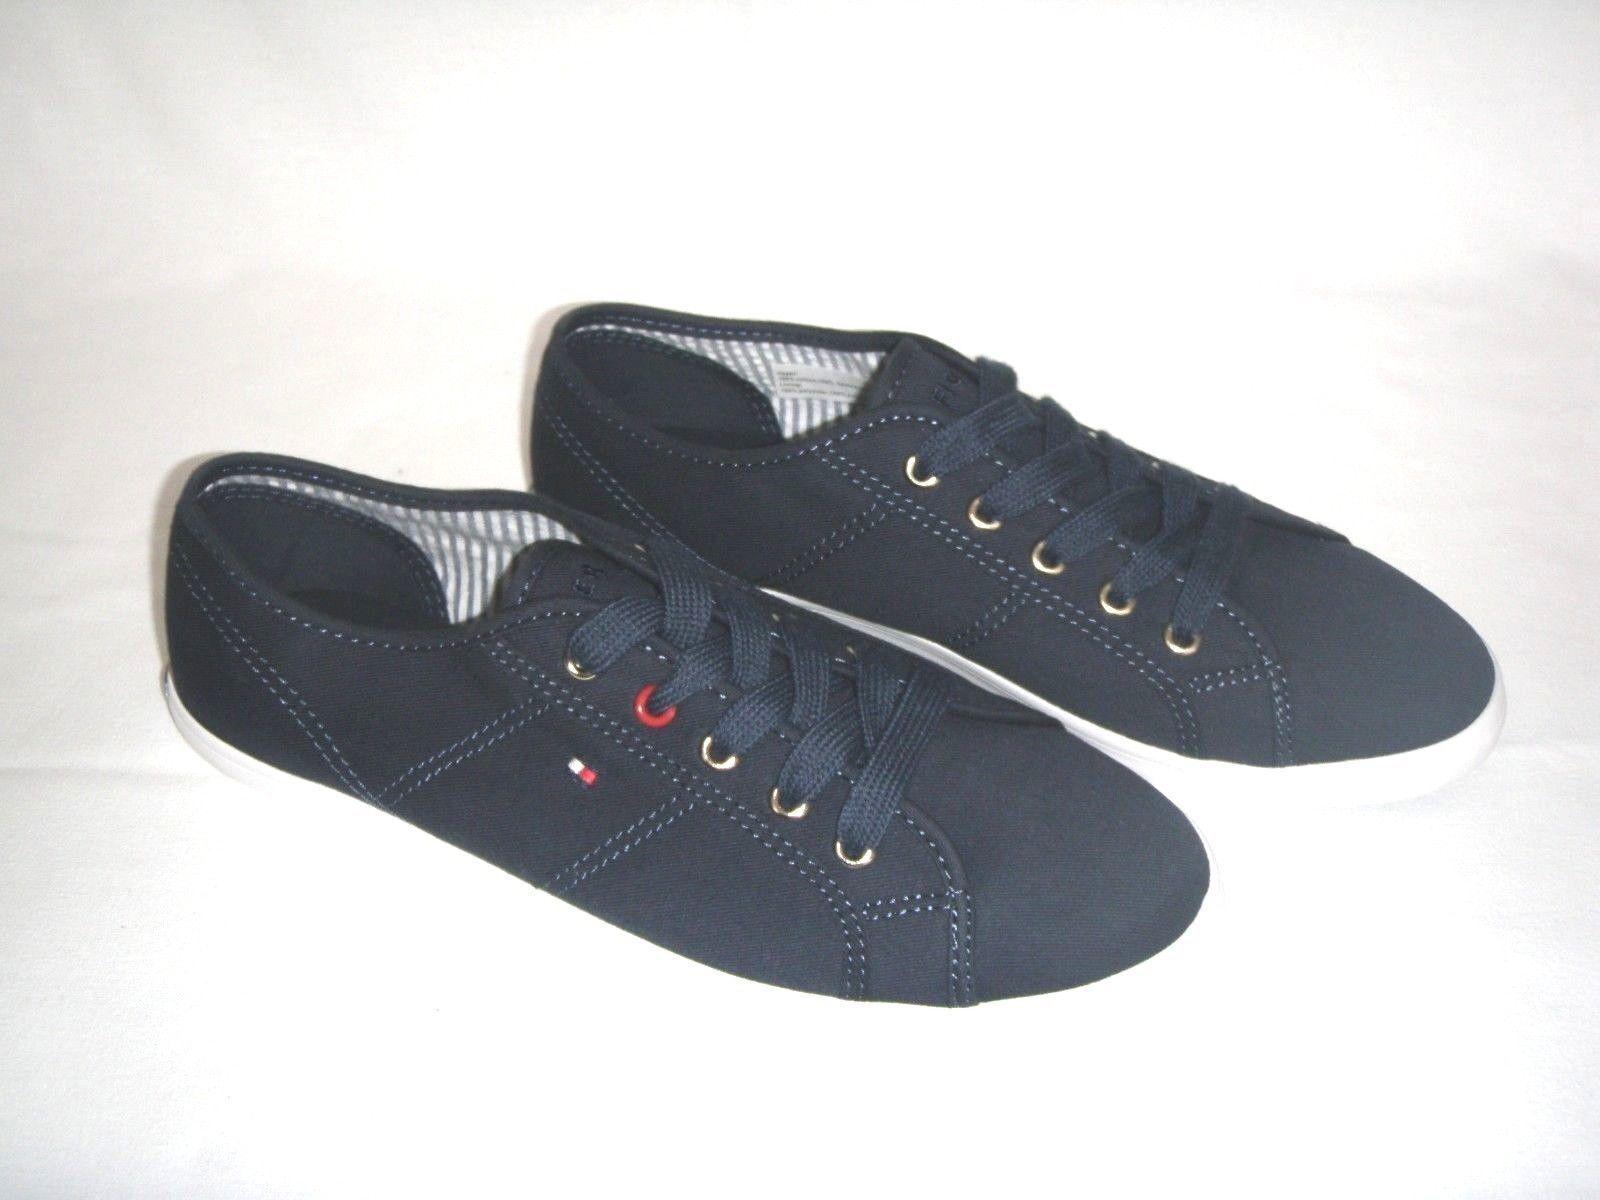 Schuhe Damenschuhe Freizeitschuhe Tommy Hilfiger Gr.41 Sneaker Canvas Dunkelblau Gr.41 Hilfiger 5d9e2e